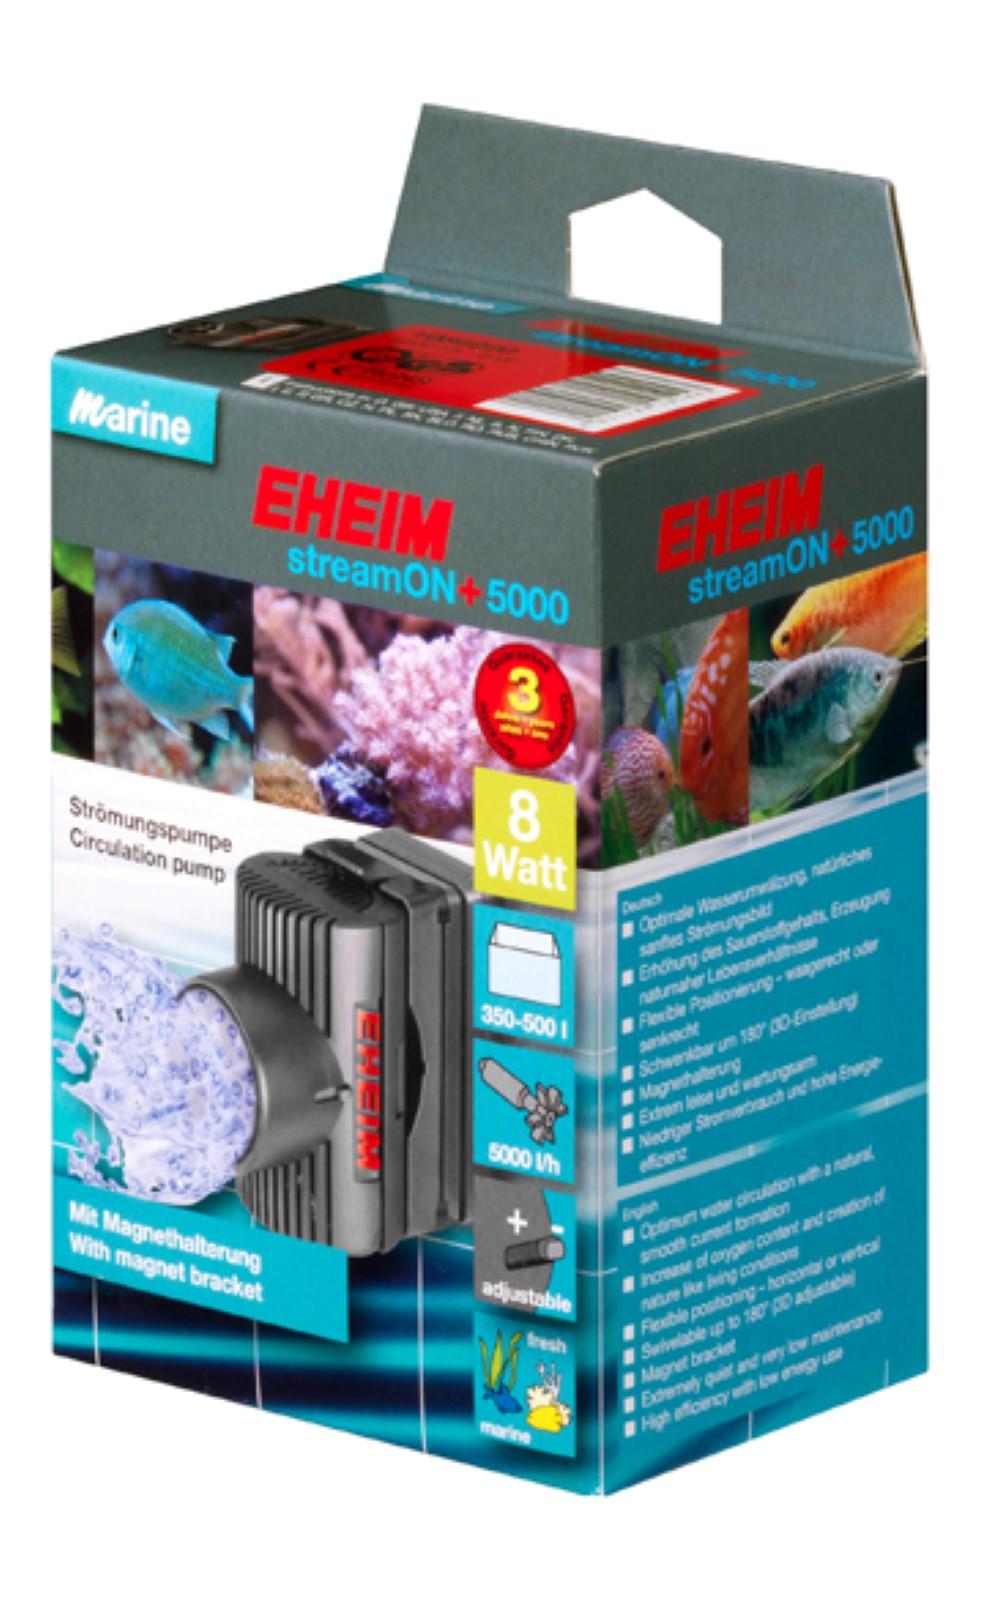 Eheim  Stream ON+ 5000 Pumpe Strömungspumpe  350-500 l für Aquarium